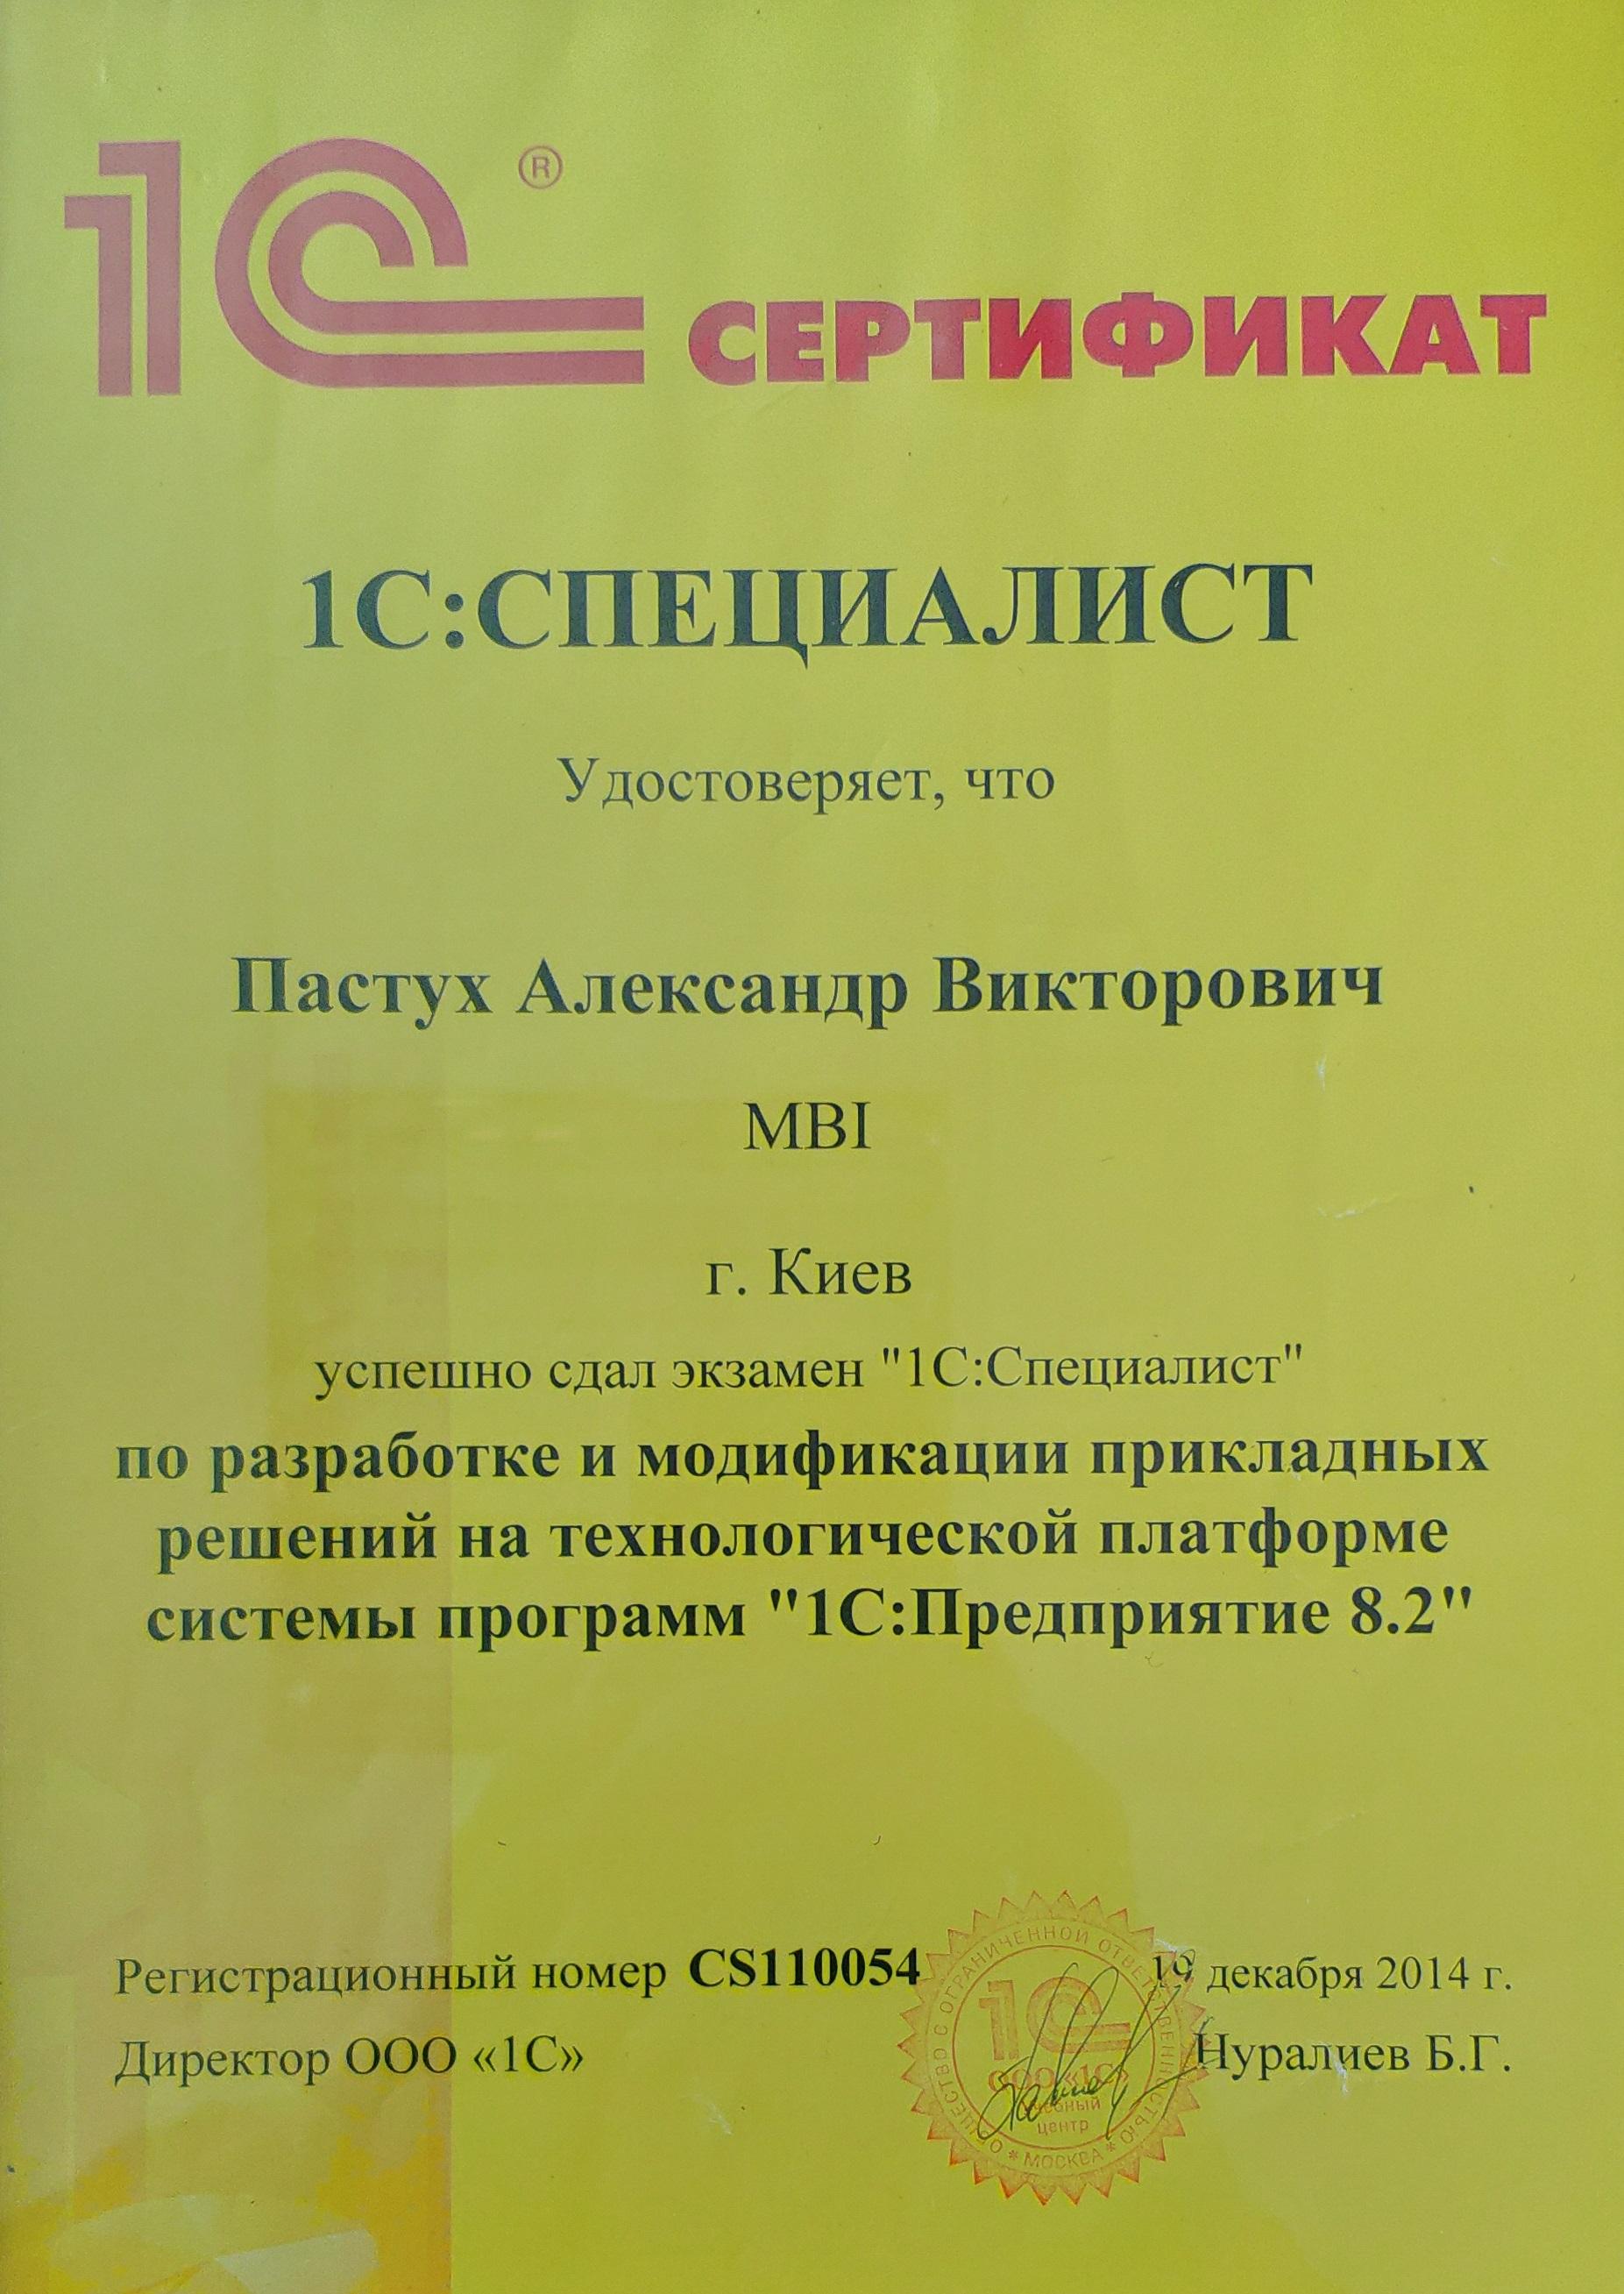 1c certificate Pastukh